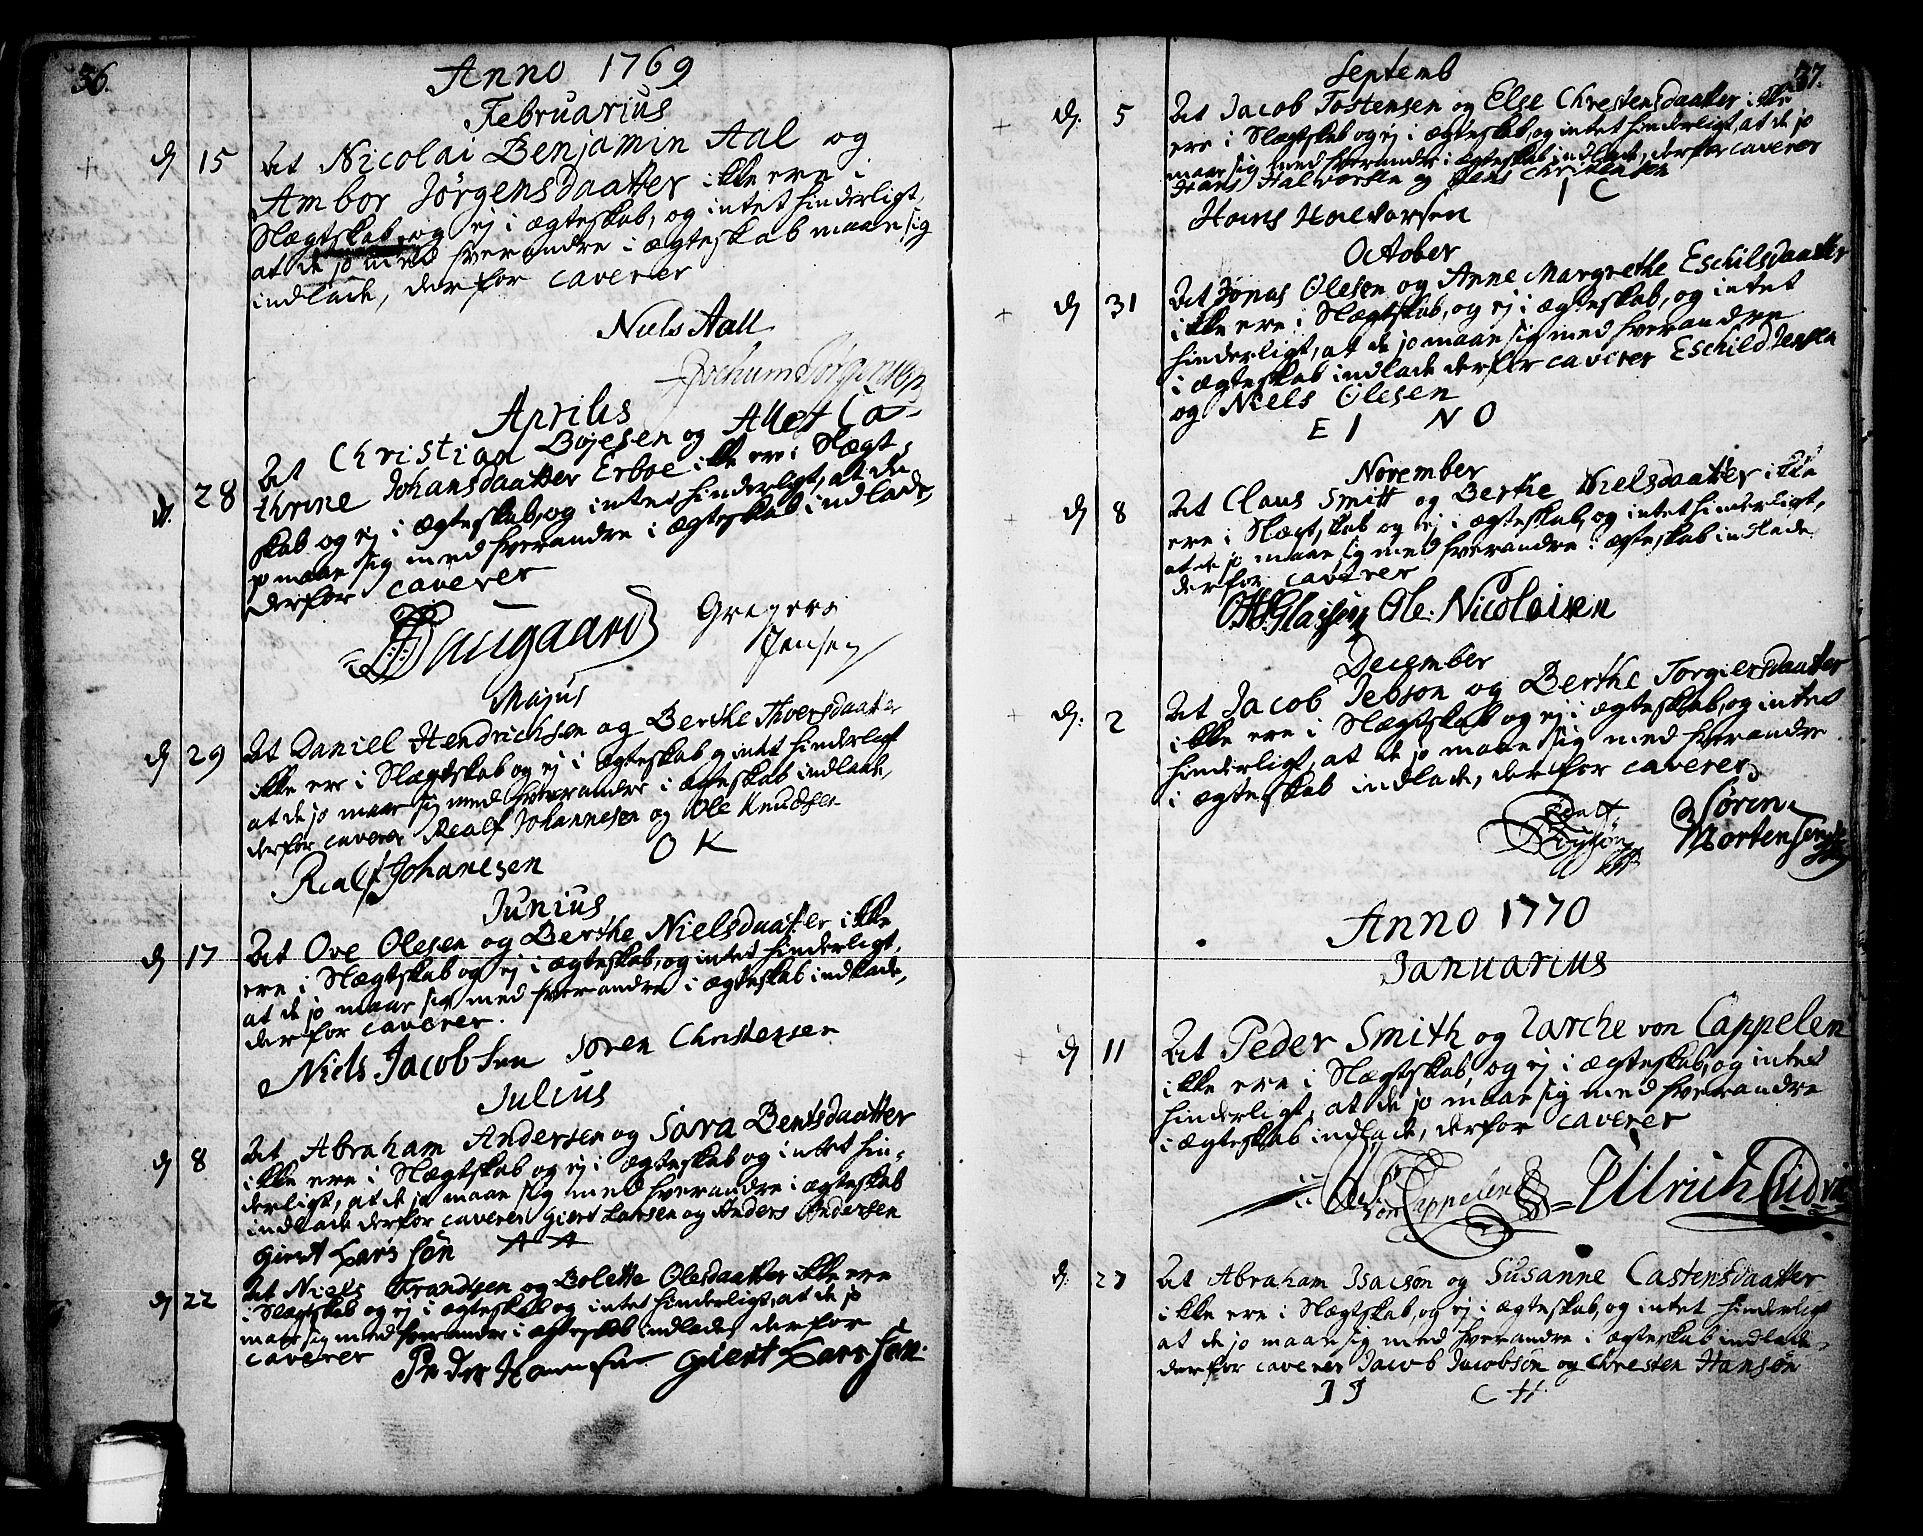 SAKO, Skien kirkebøker, F/Fa/L0003: Ministerialbok nr. 3, 1755-1791, s. 36-37